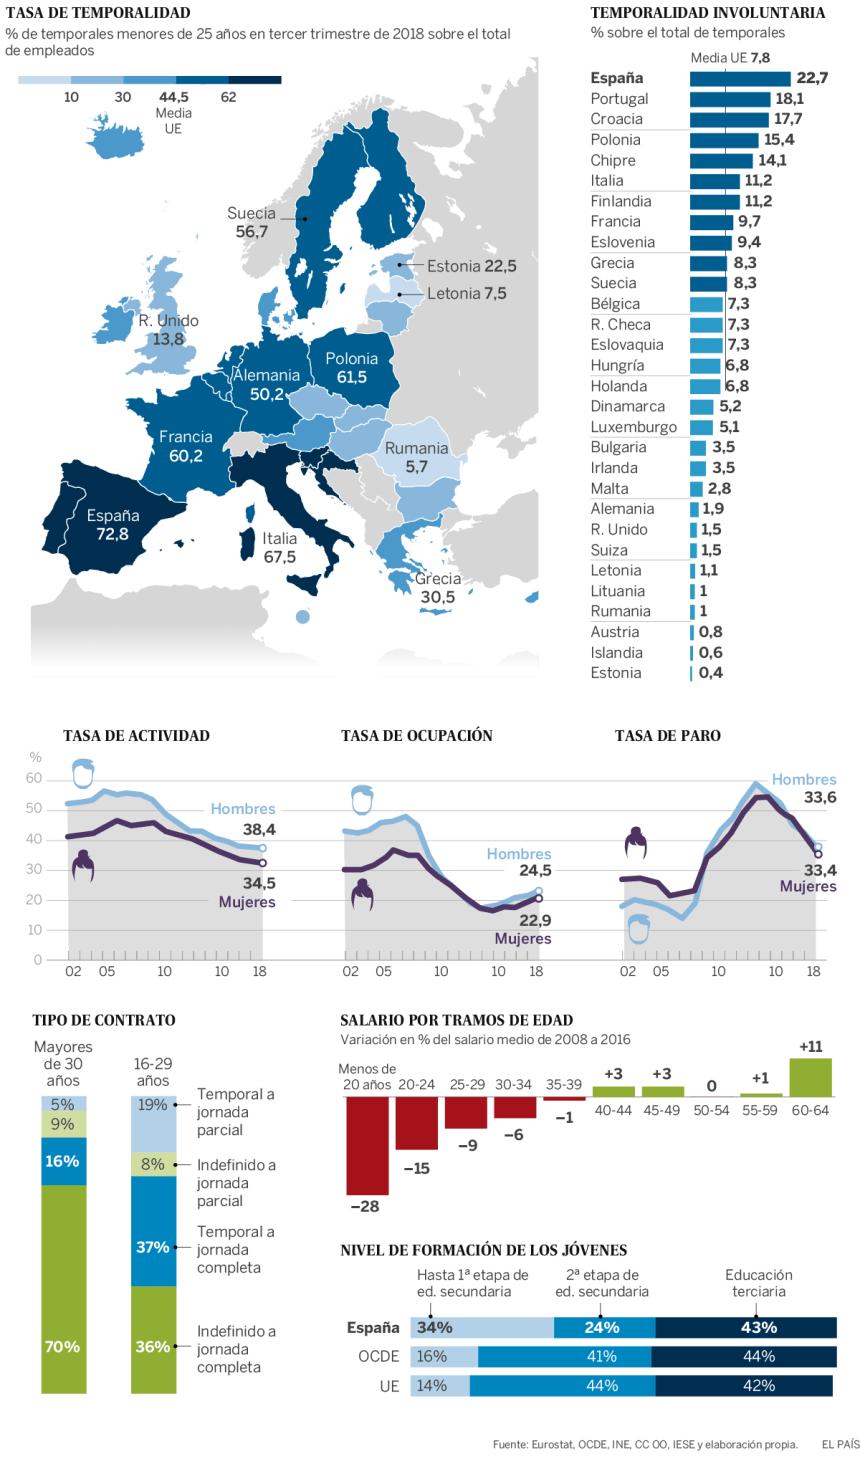 Precariedad laboral de los jóvenes en Europa #infografia #infographic #empleo